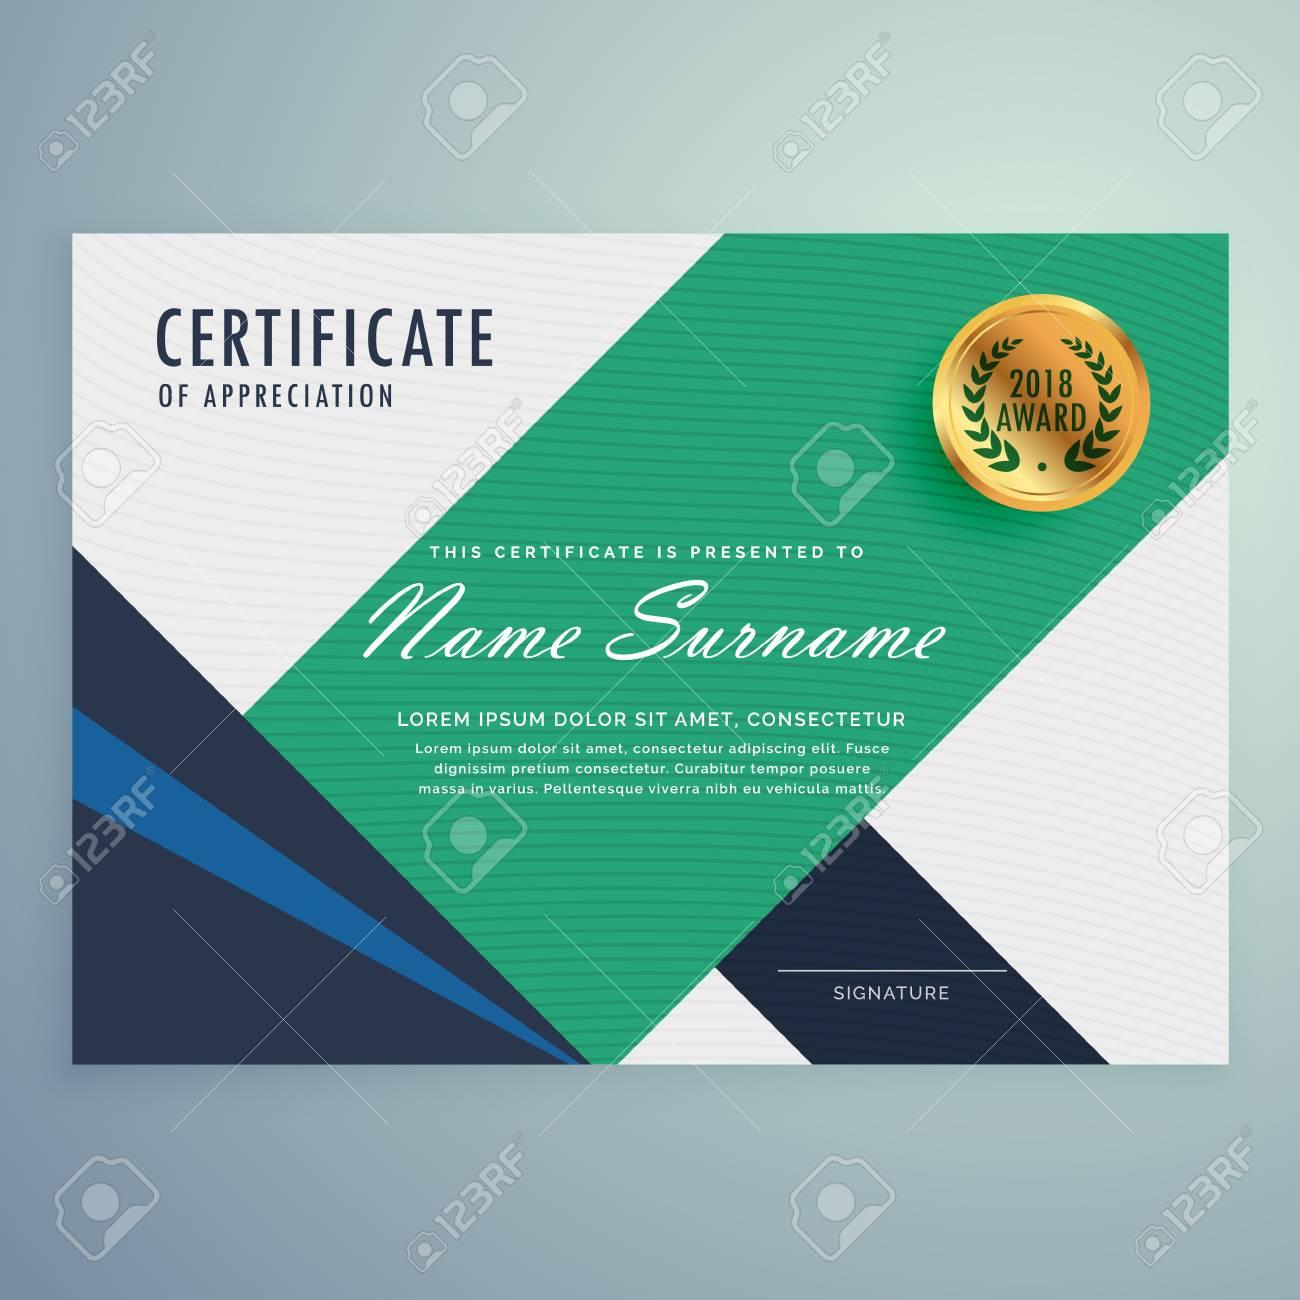 Modernes Zertifikat Der Wertschätzung Vorlage Mit Geometrischen ...